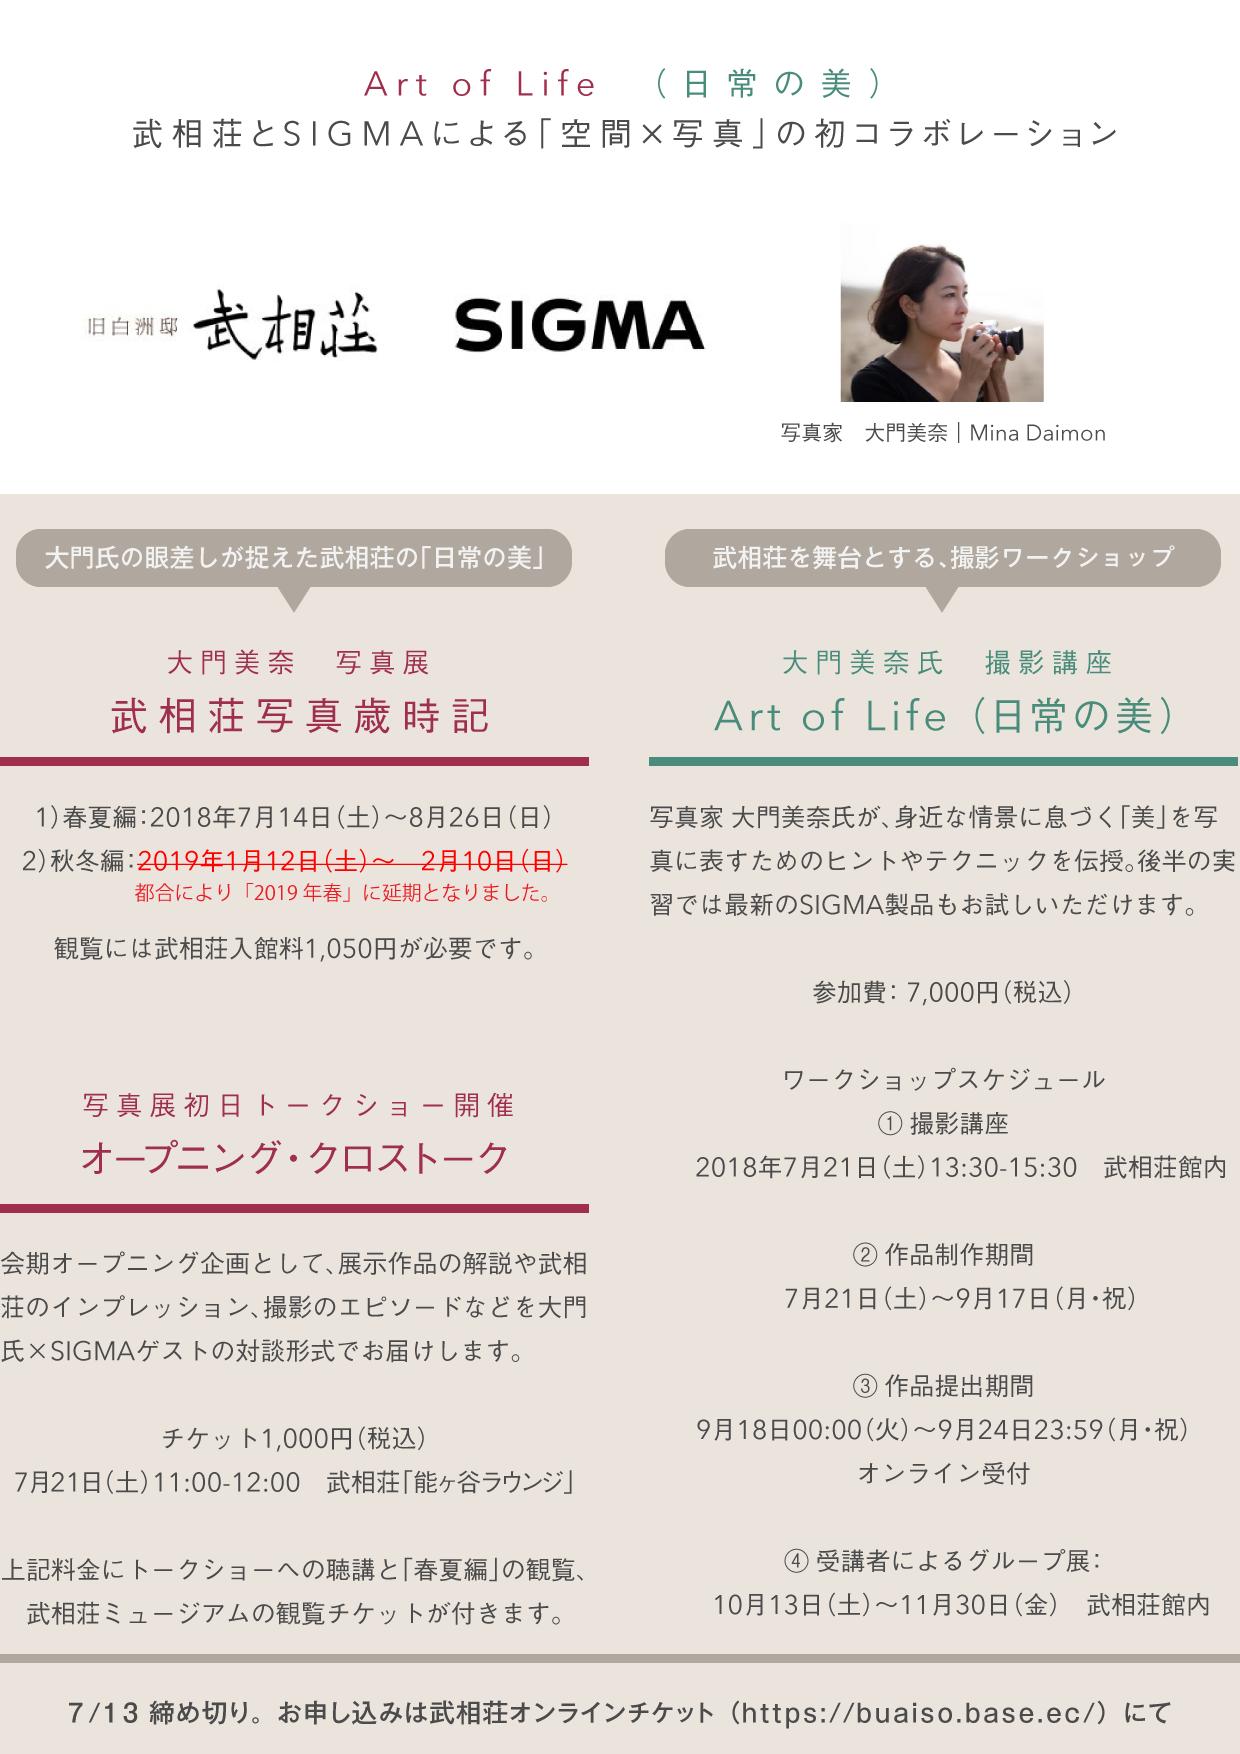 武相荘× SIGMA 『Art of Life(日常の美)』